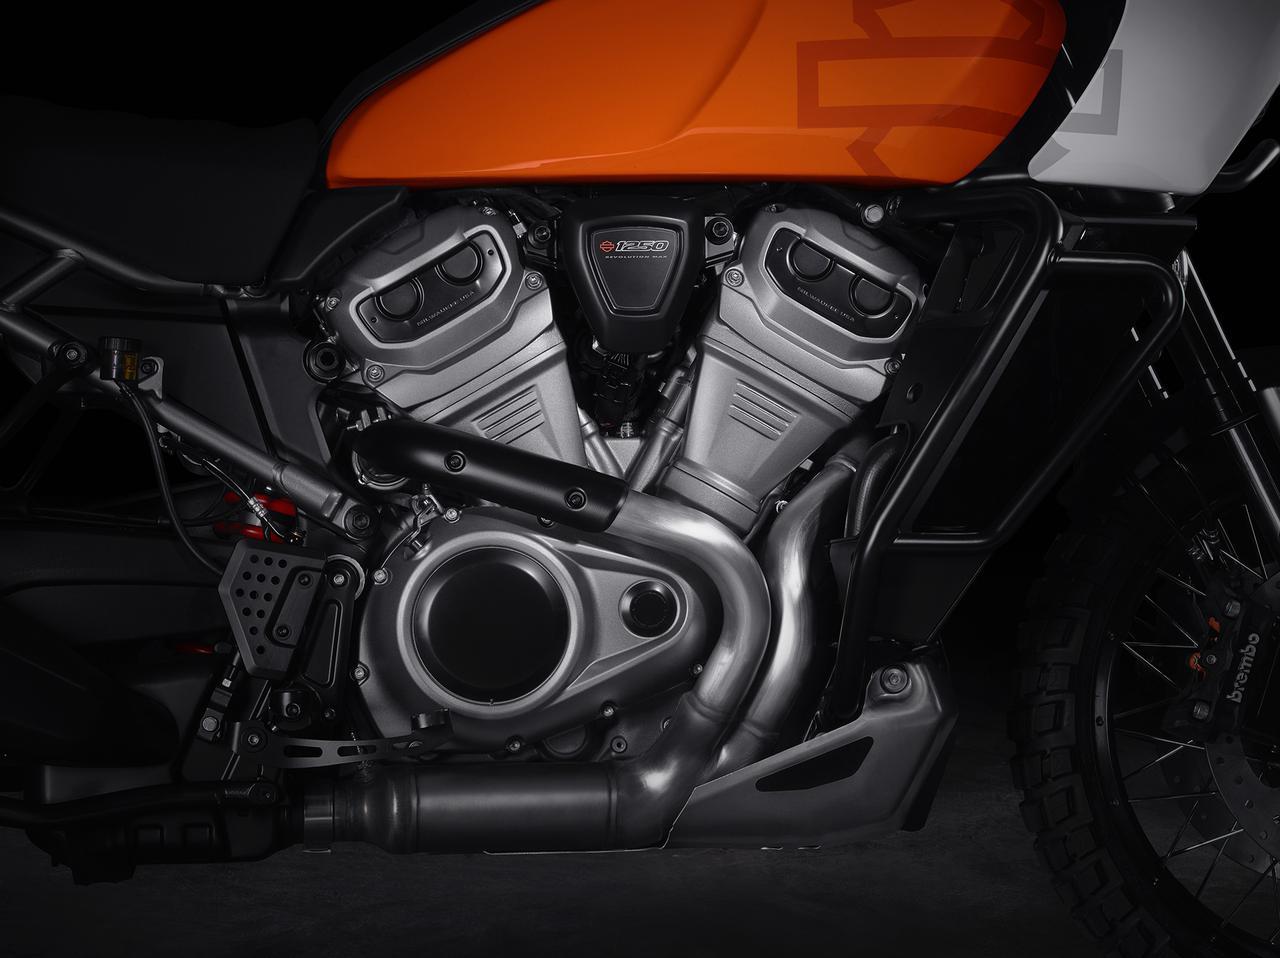 Images : 1番目の画像 - 「ハーレー初のアドベンチャー「Pan America」が登場!1250ccの新型水冷Vツインエンジン「Revolution Max」とは?【EICMA 2019速報!】」のアルバム - webオートバイ